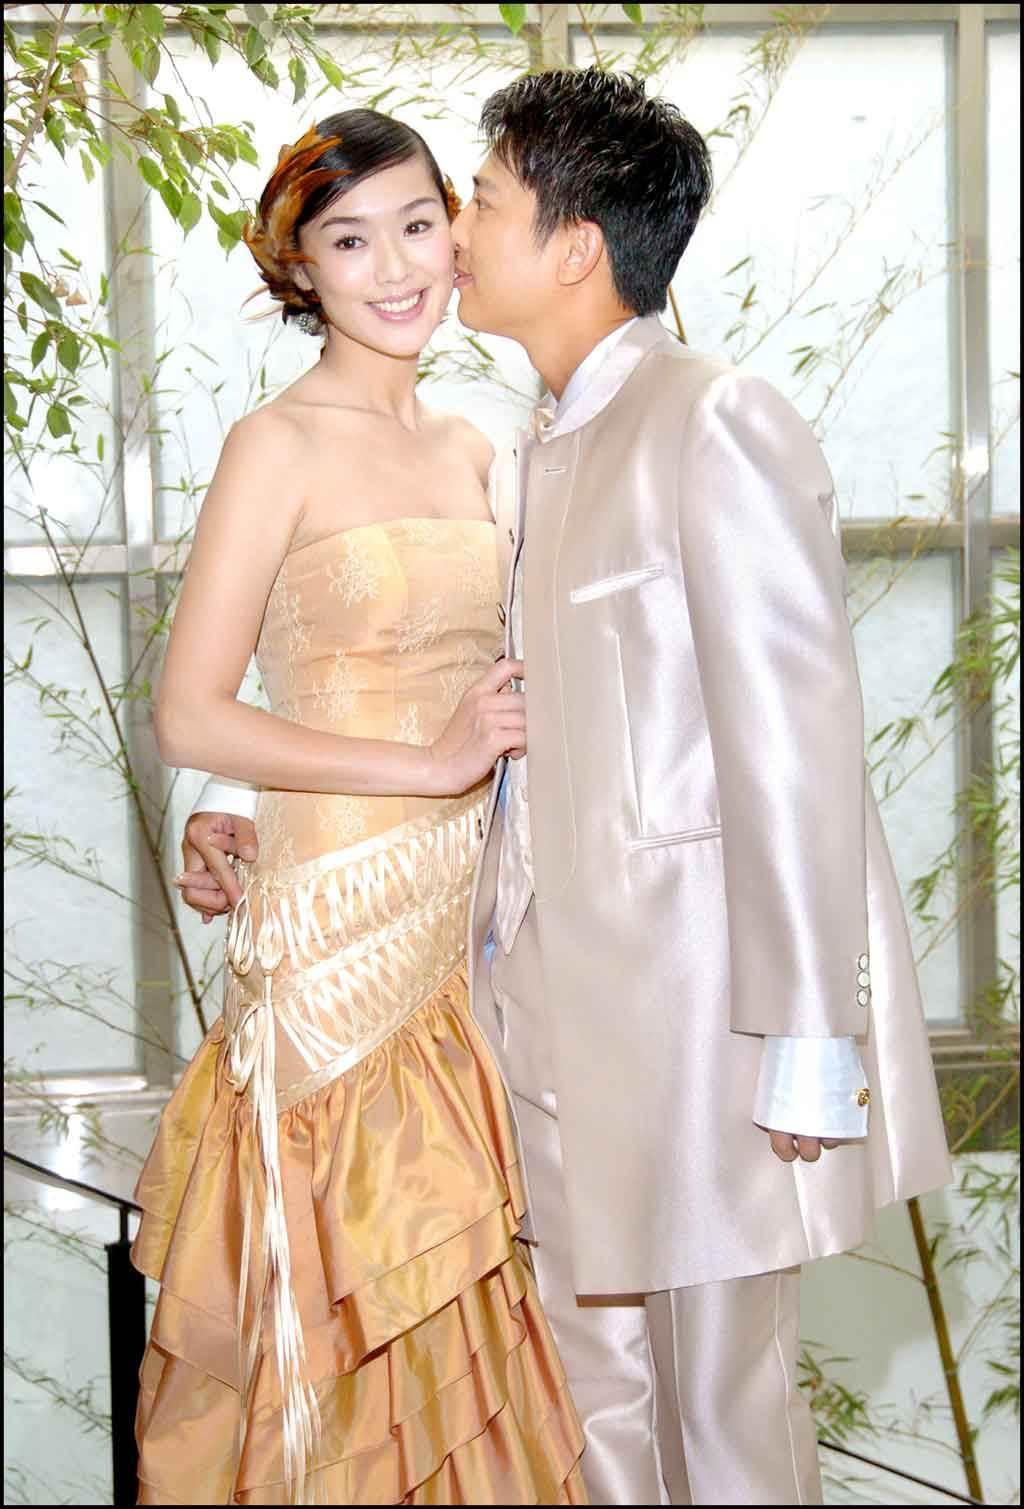 王靜瑩最終嫁入豪門,但才一年,就帶著傷開記者會,痛訴被家暴。(中時資料照片)